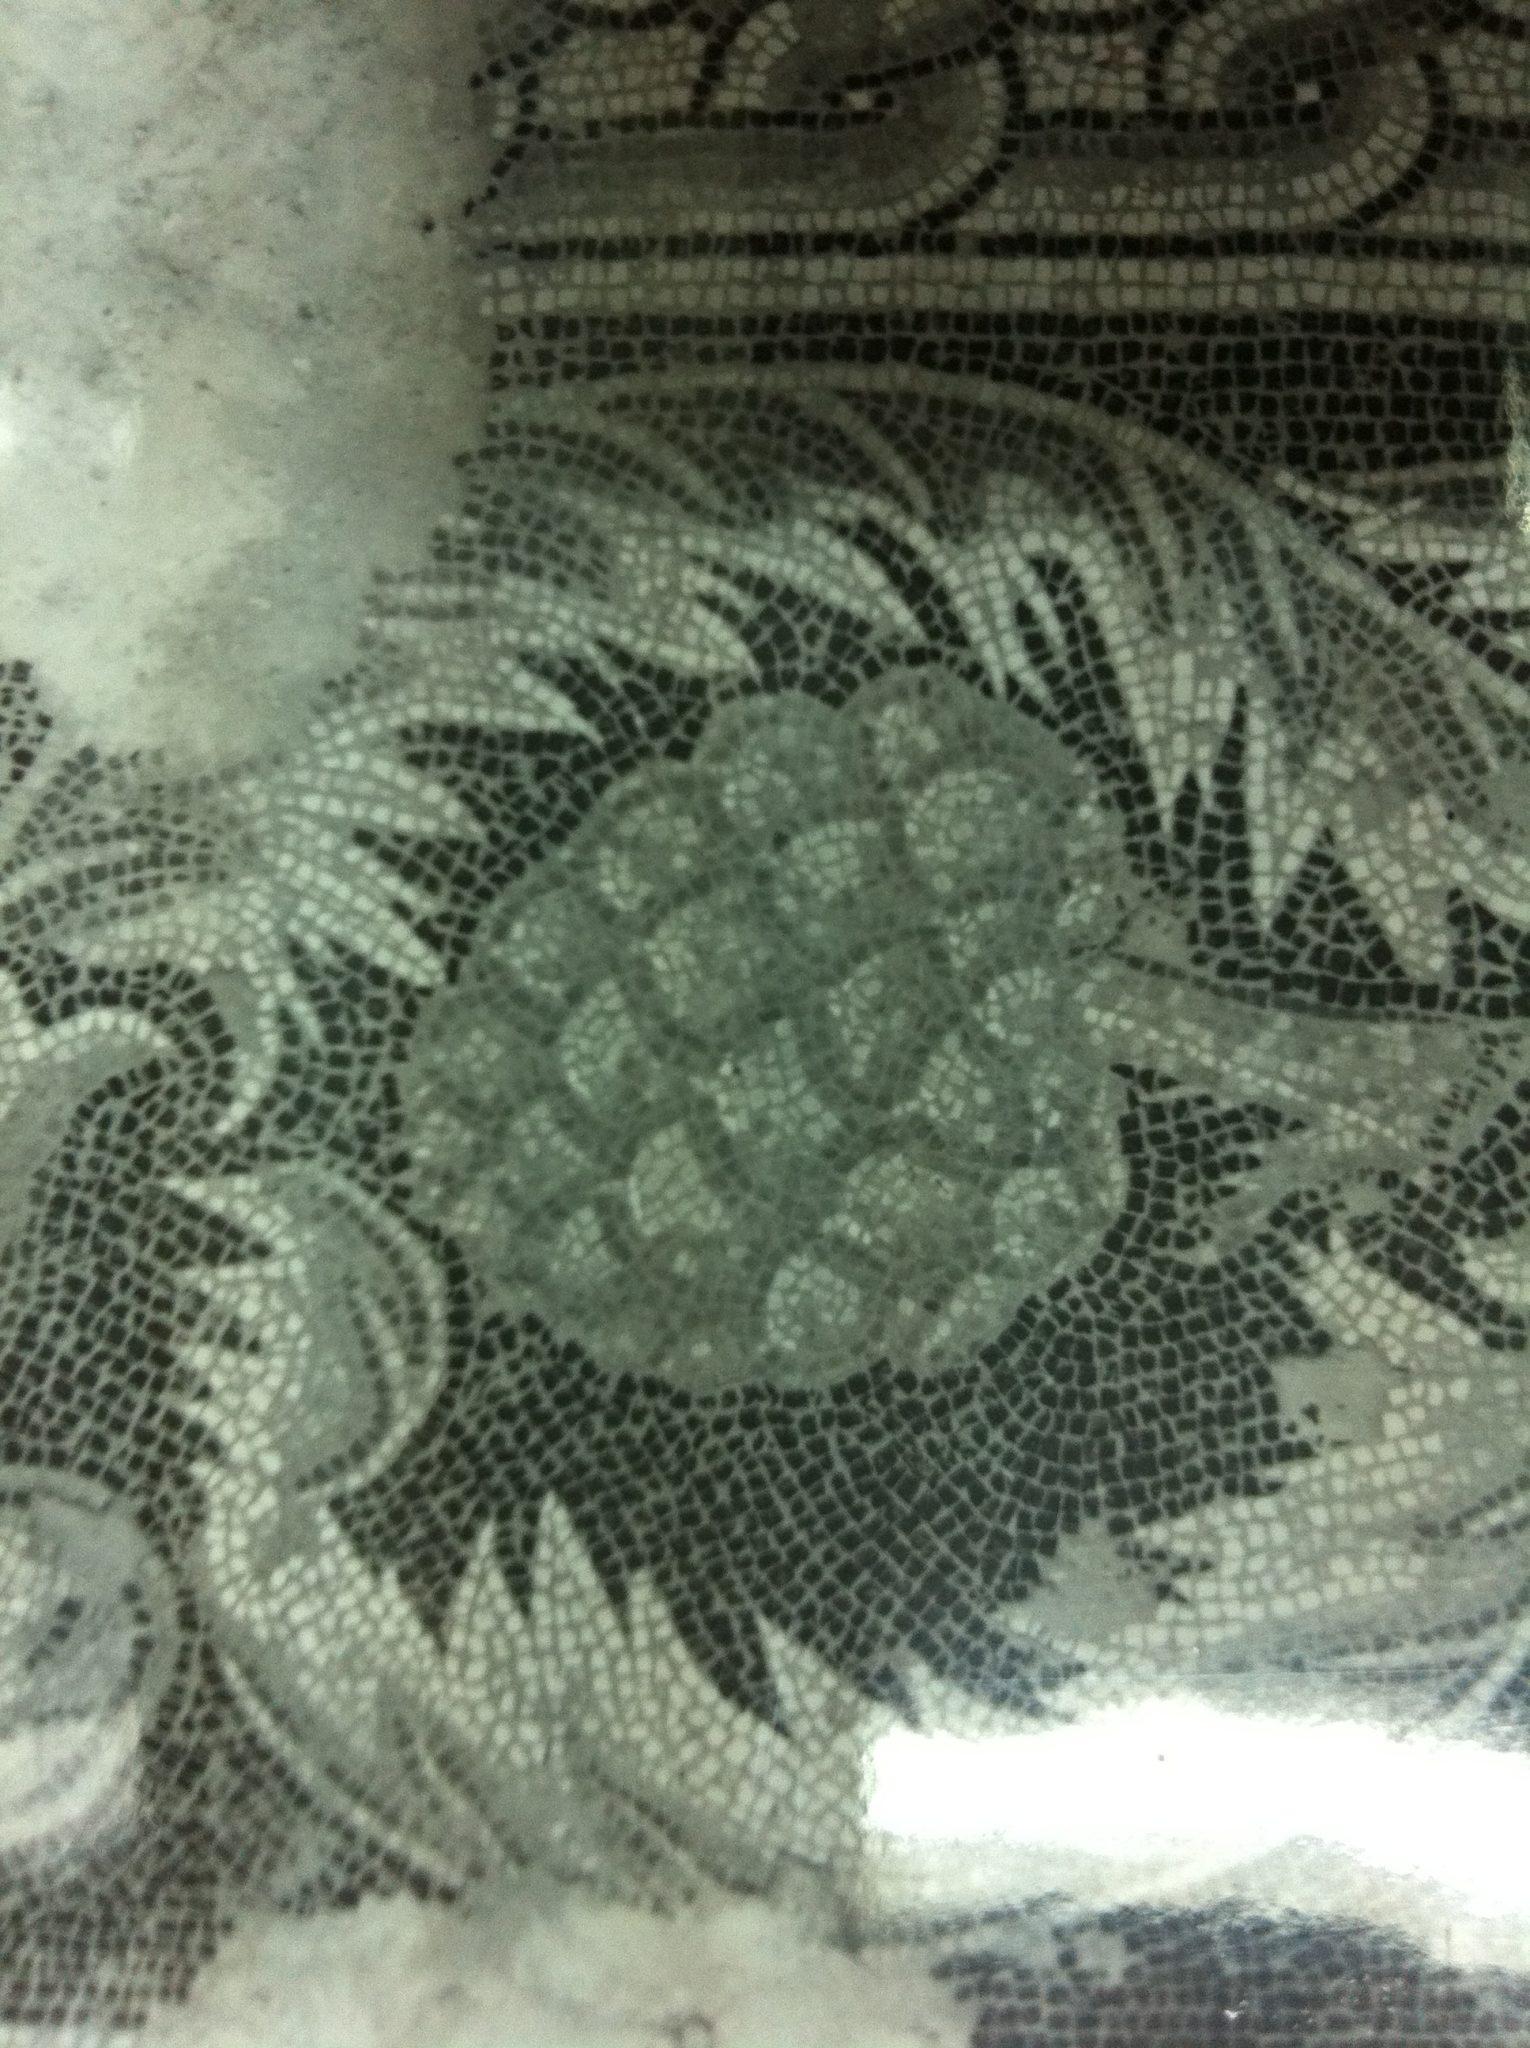 אצטרובל האורן הצנובר, פסיפס כנסיית המולד בבית לחם (ארכיון מנדטורי של רשות העתיקות)